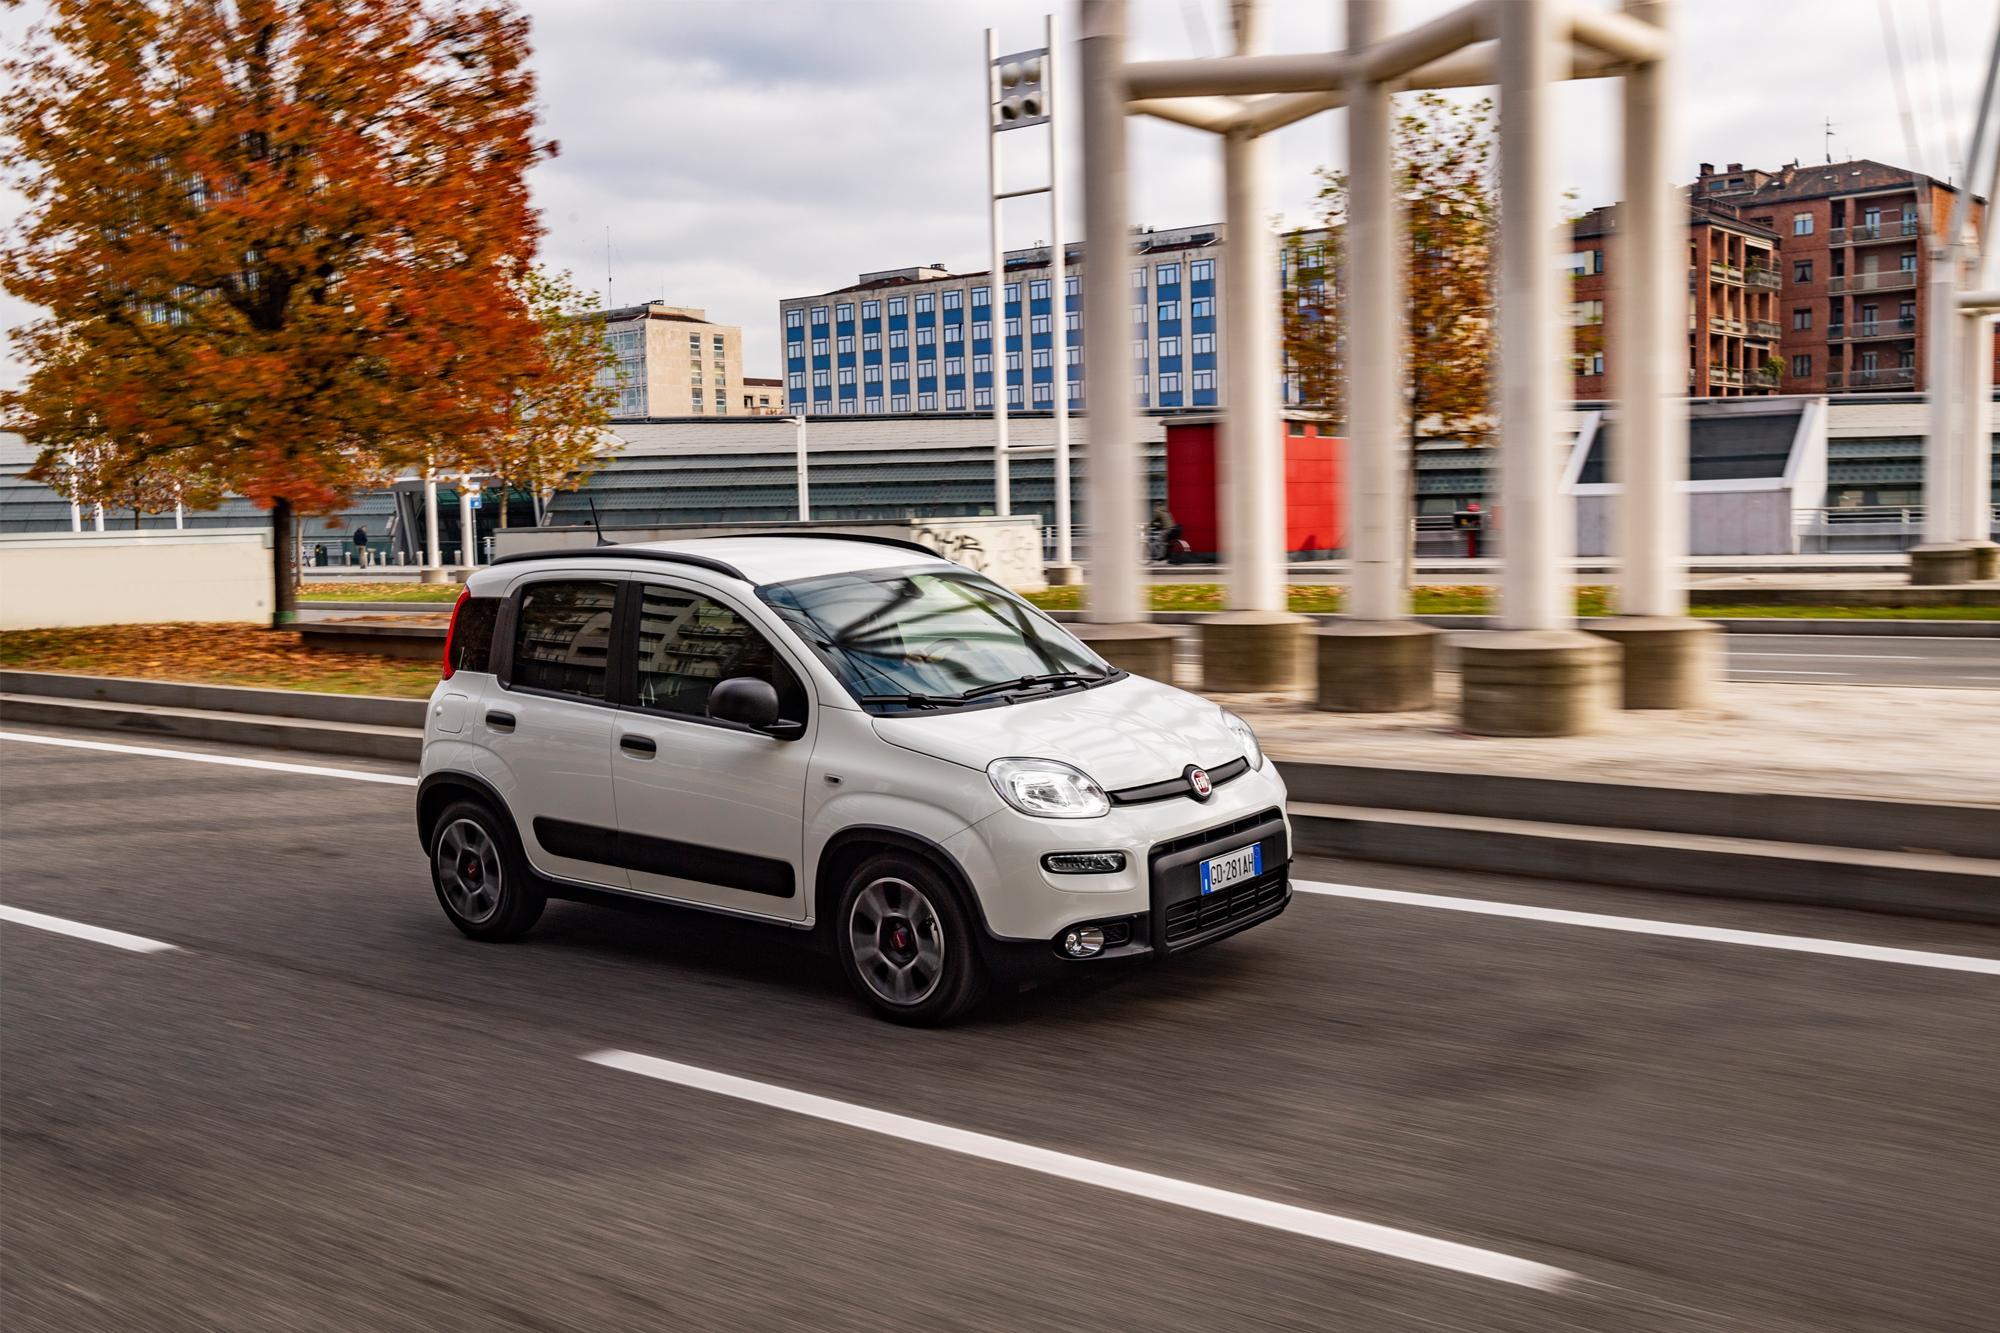 Το ανανεωμένο Fiat Panda στην Ελλάδα